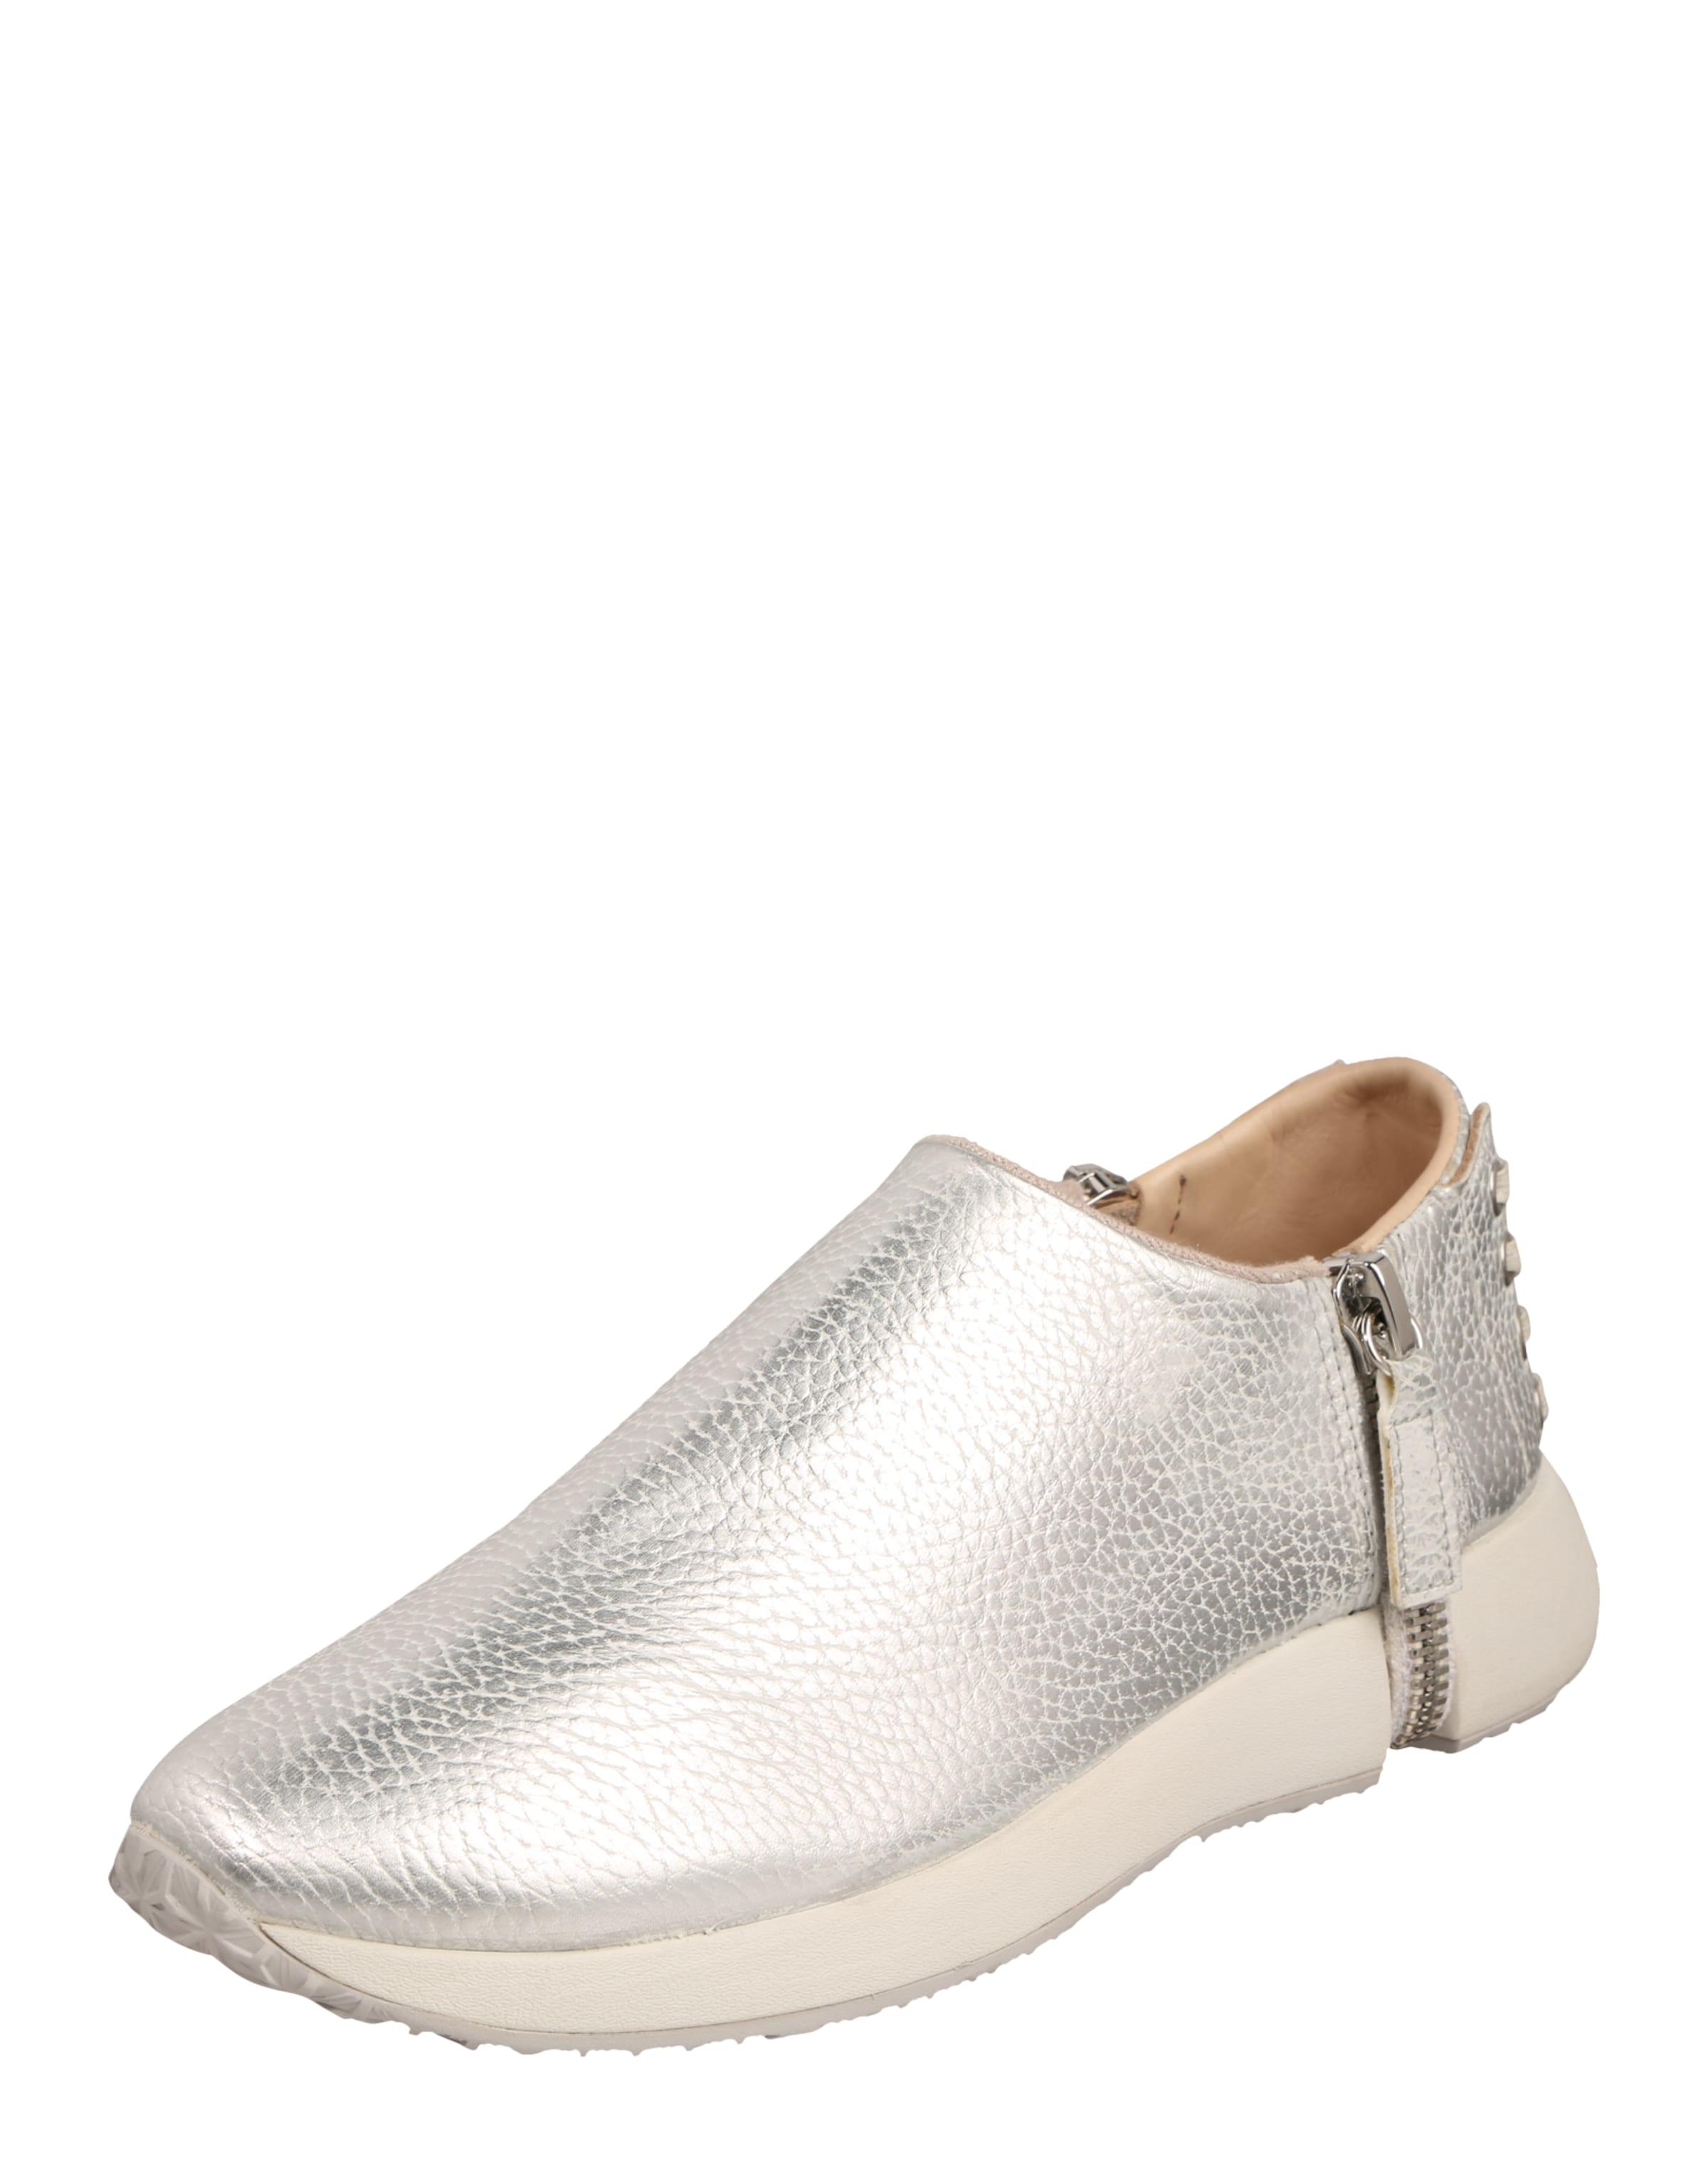 Verkauf Manchester DIESEL Sneaker 'Zip-round' Neue Ankunft Art Und Weise Steckdose Exklusive 87rARhkpxl